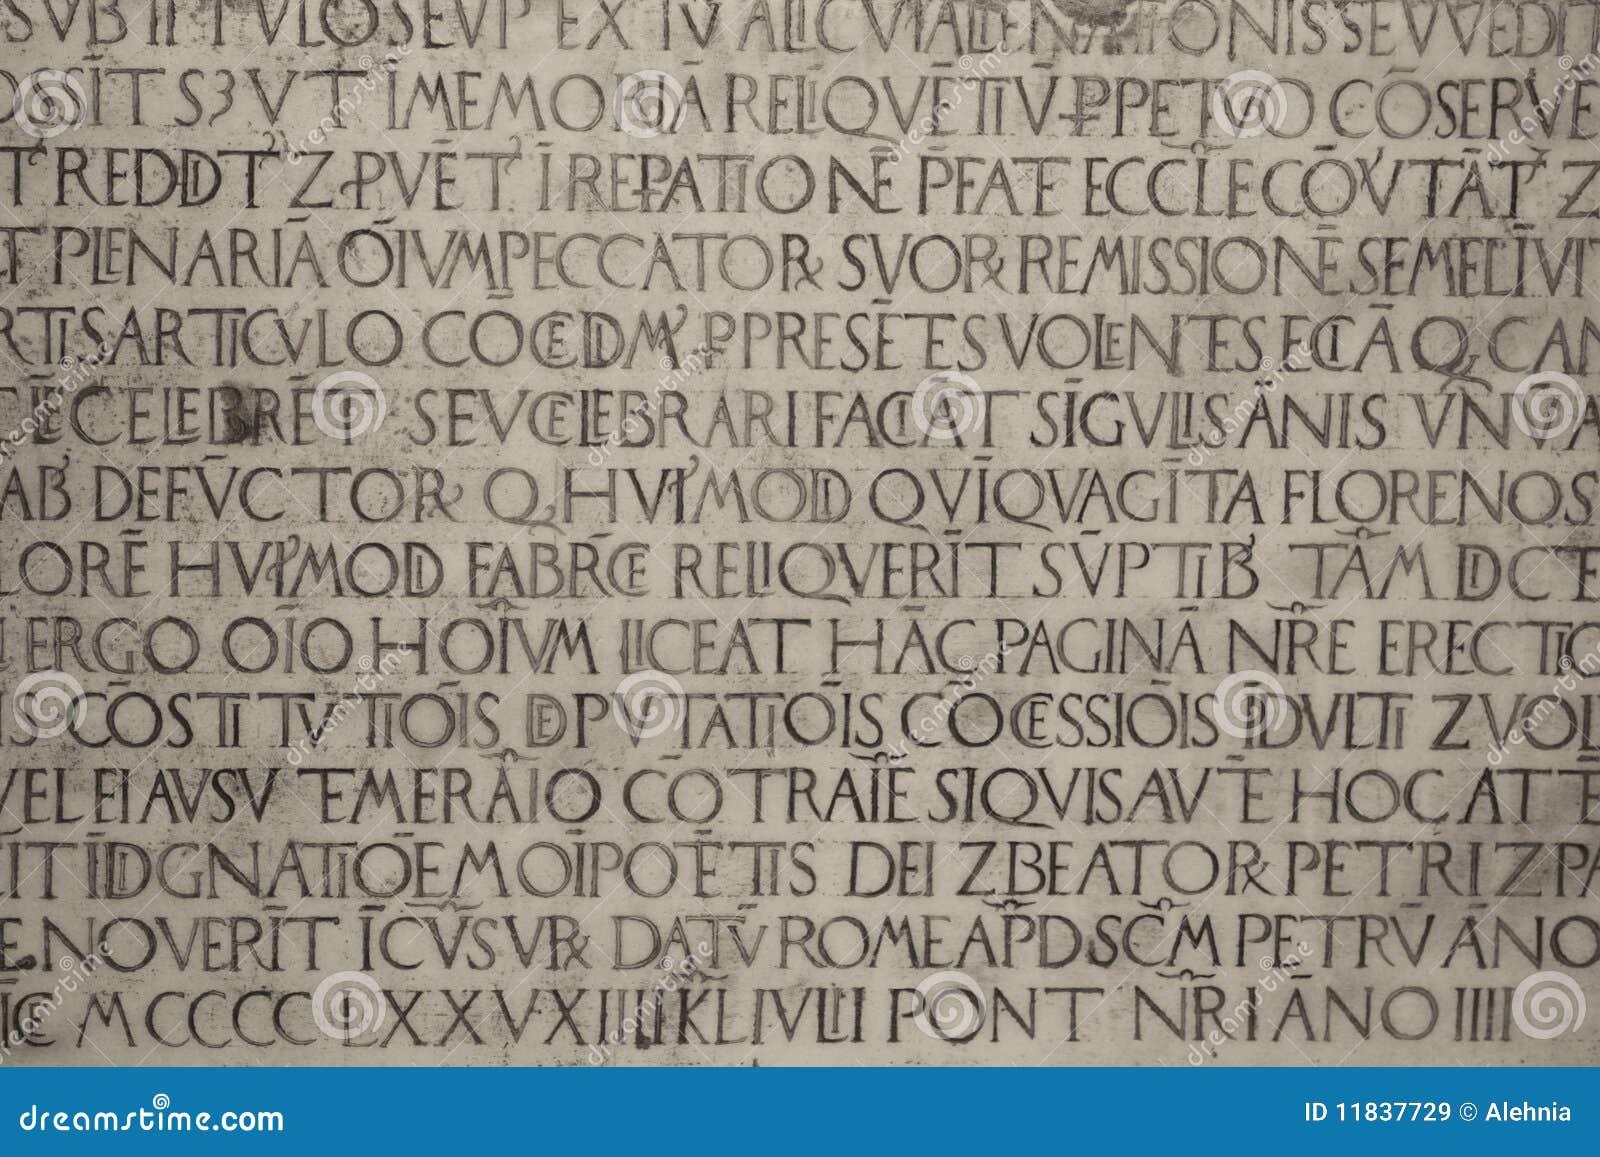 Medieval Latin Catholic Inscription Royalty Free Stock Images - Image ...